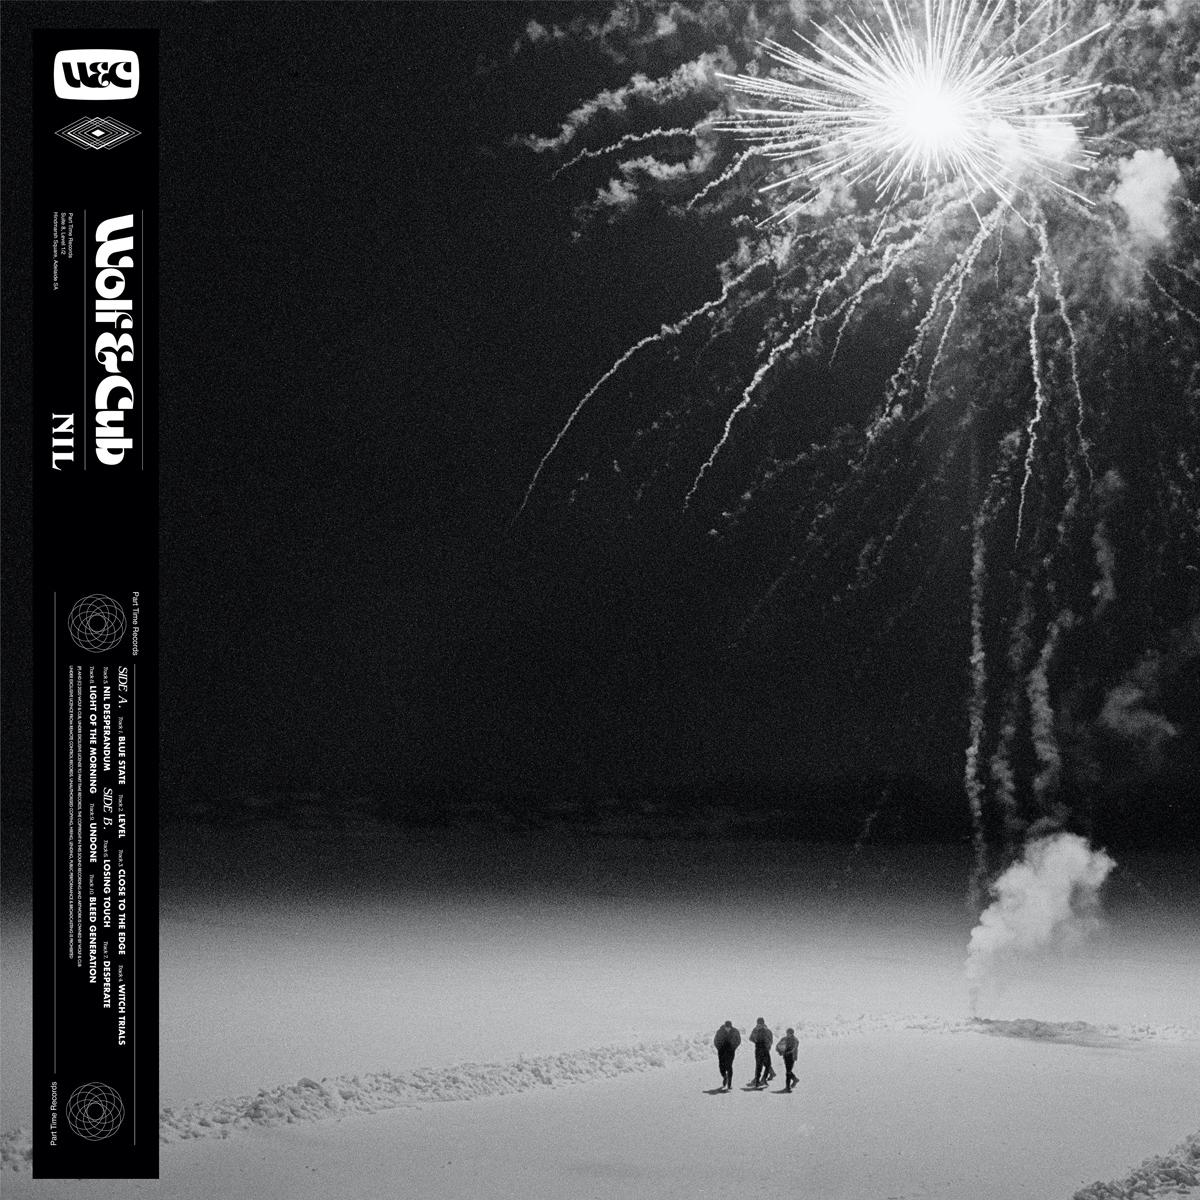 Wolf & Cub new album NIL